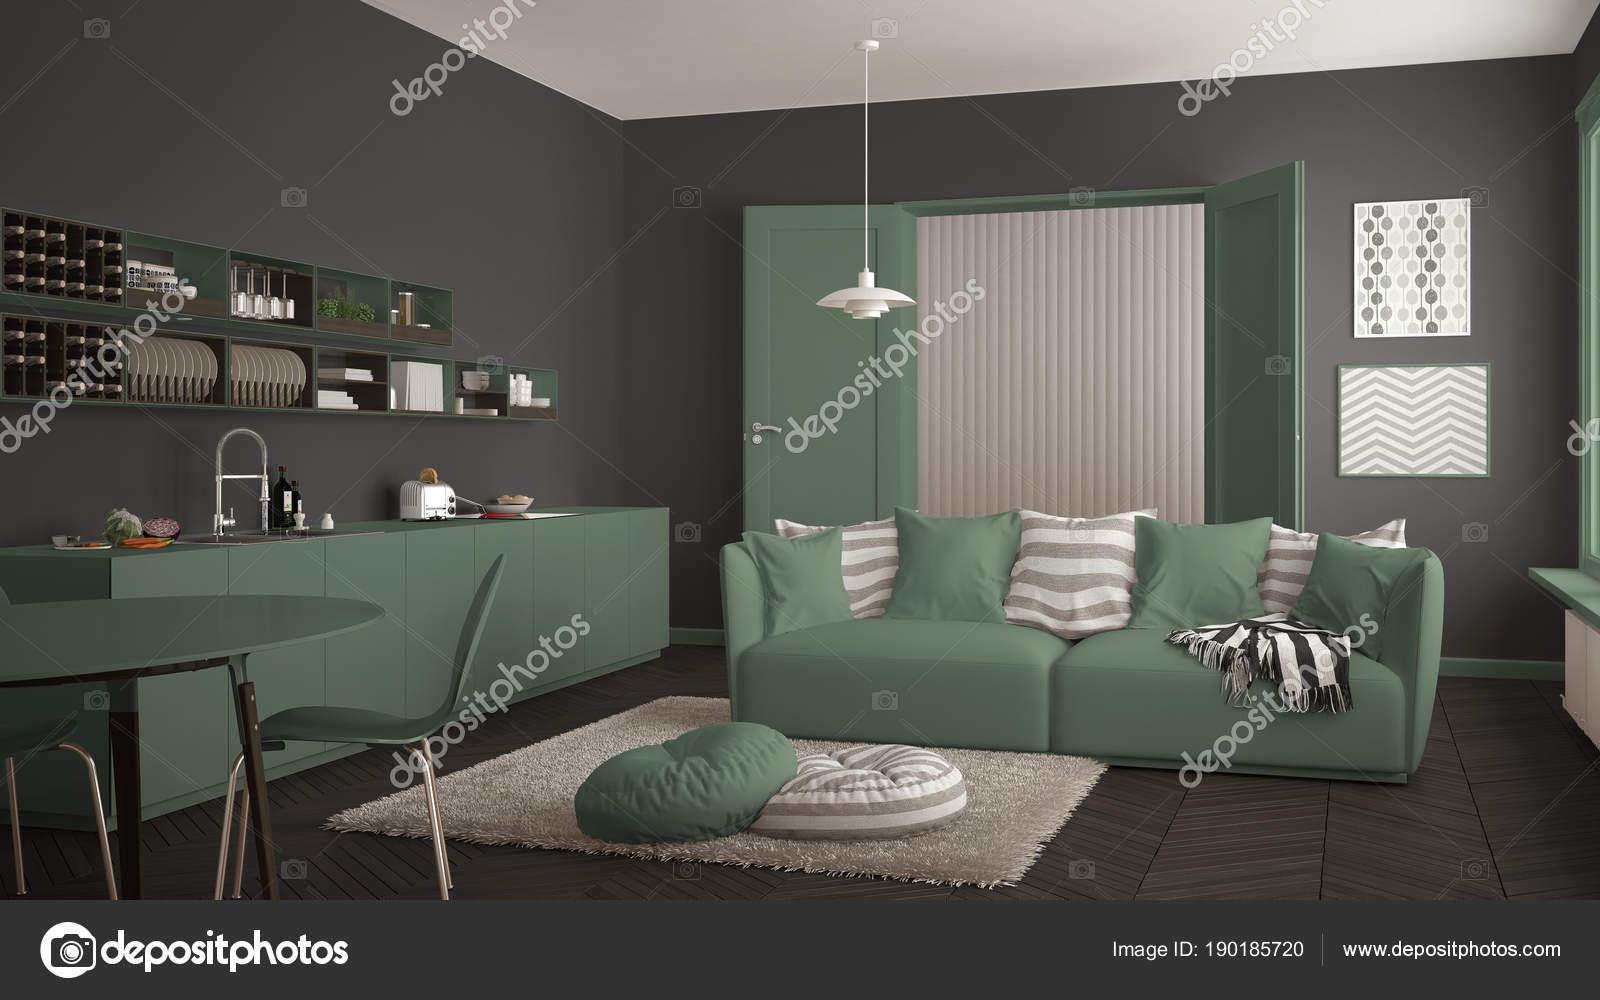 Tappeto Salotto Verde : Scandinavo moderno salotto con cucina tavolo da pranzo divano e